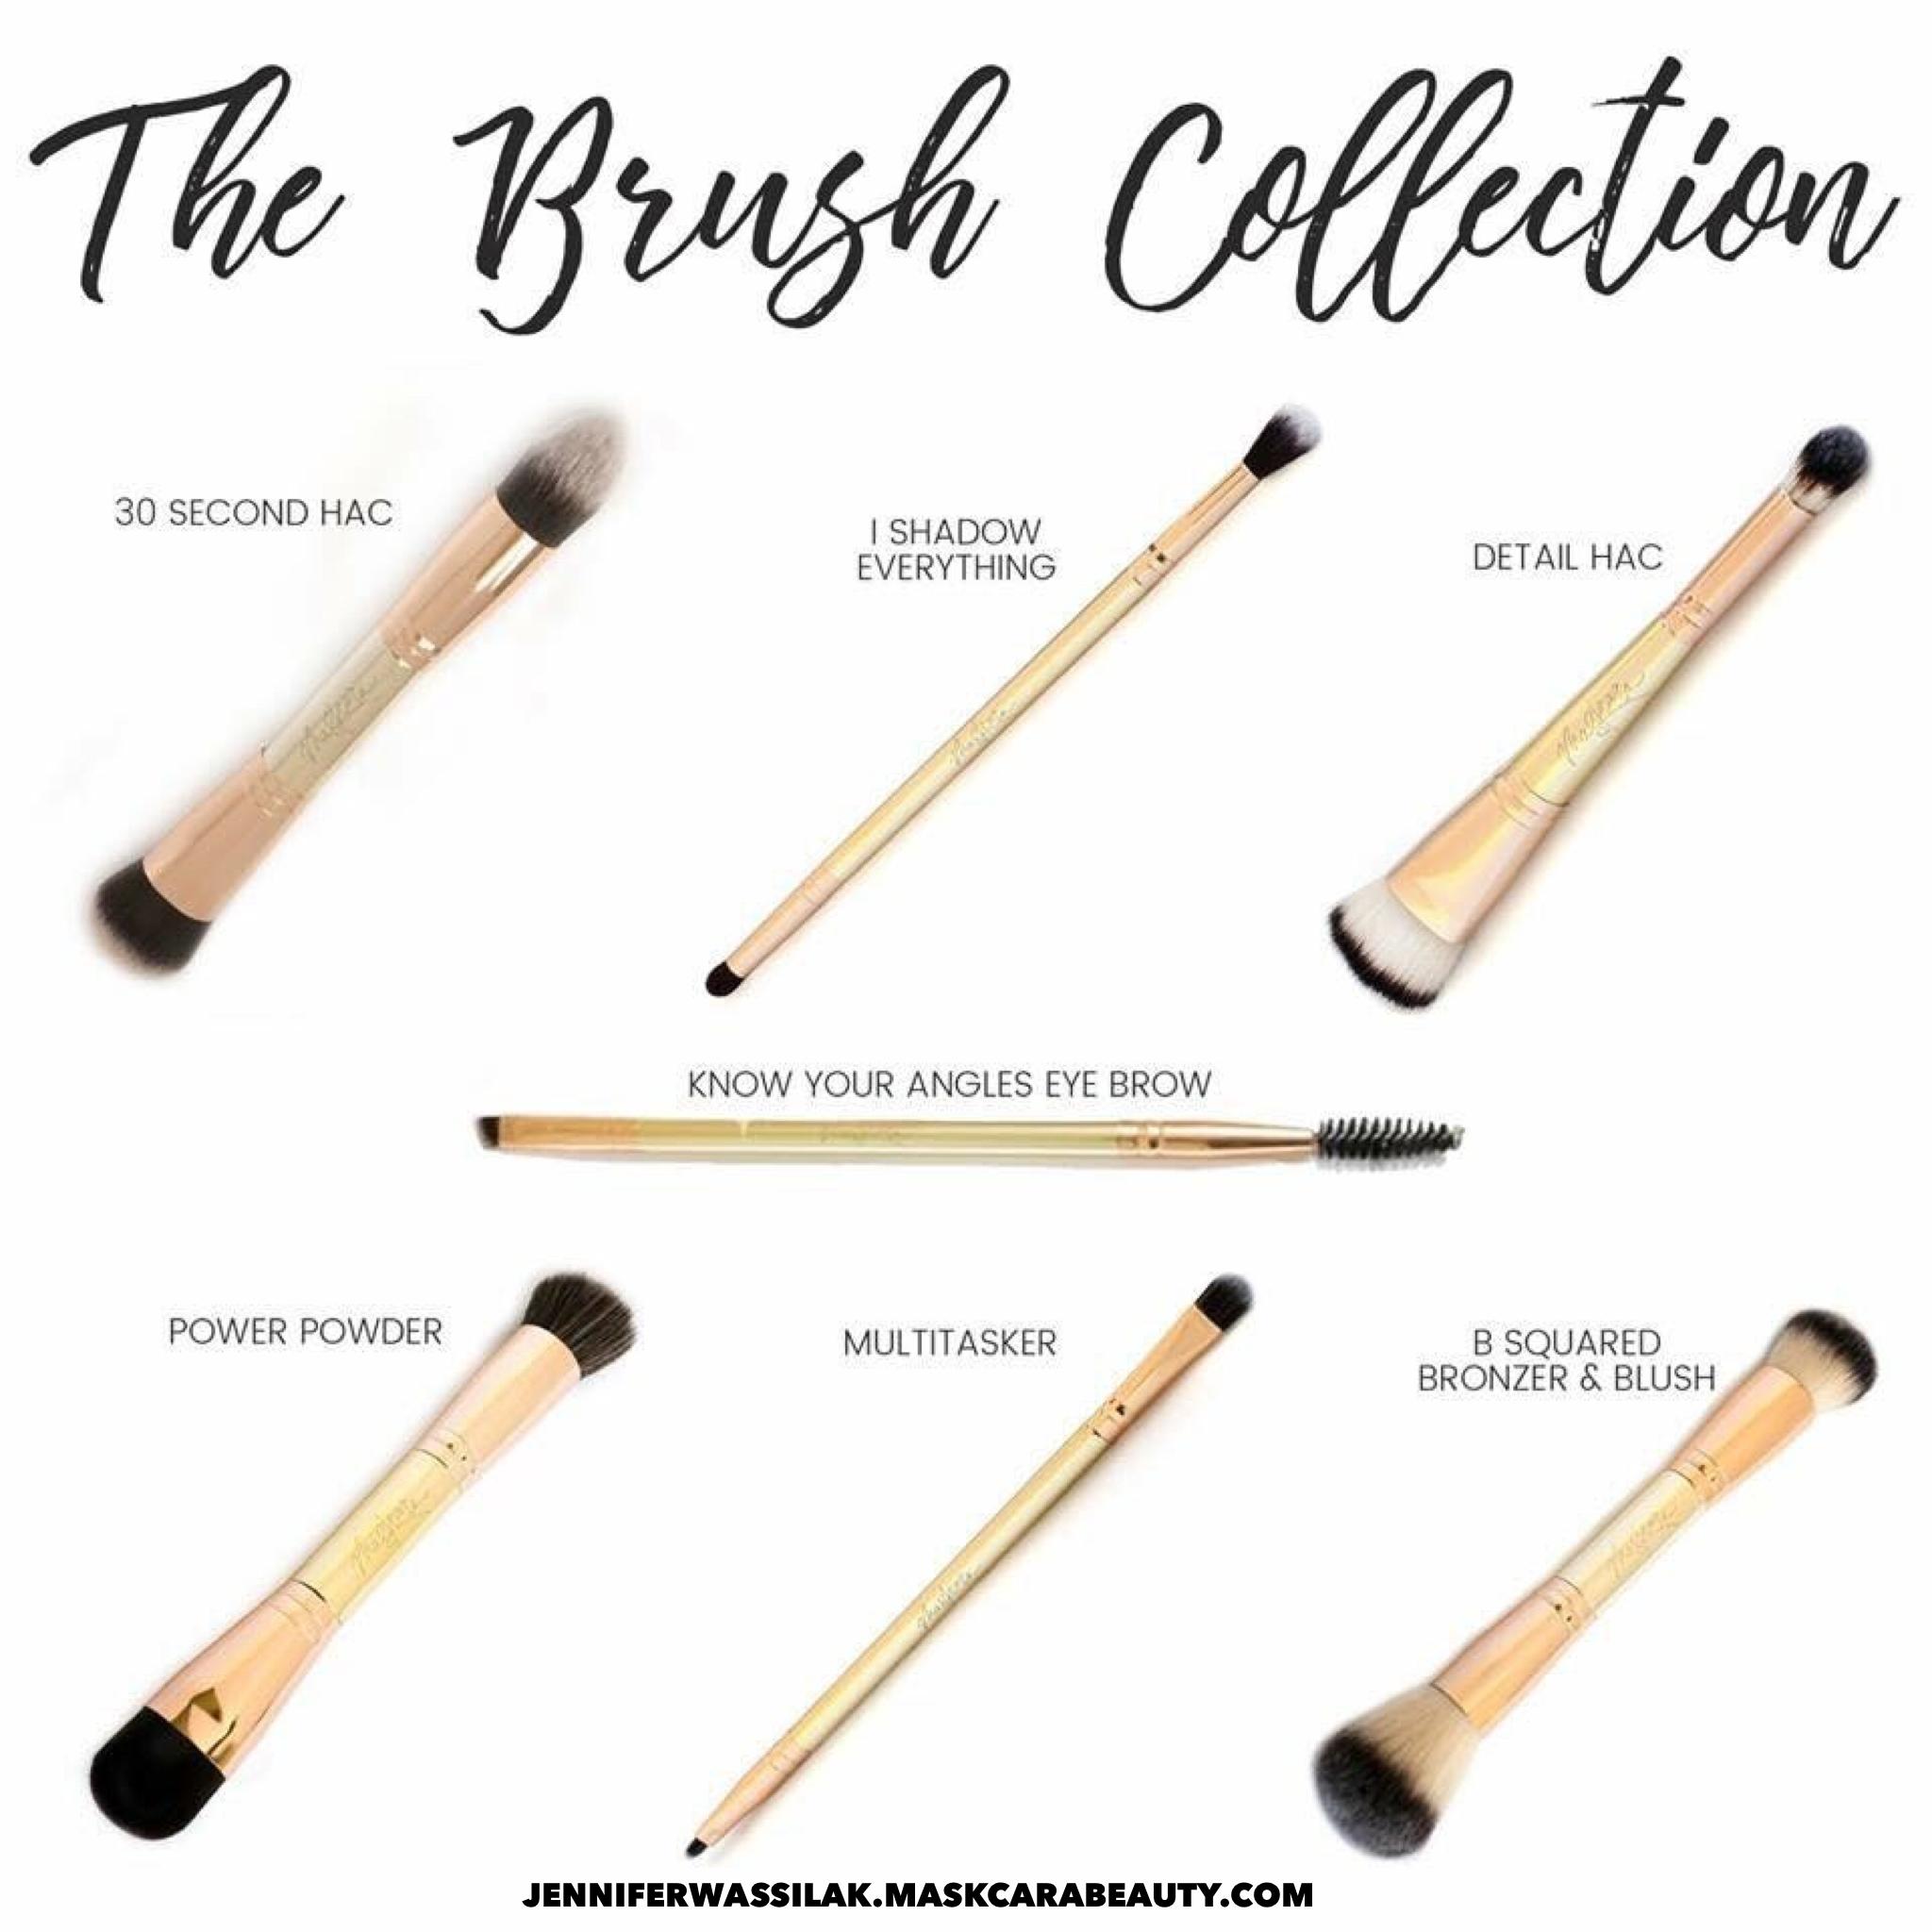 Maskcara Brush Collection Maskcara beauty, Beauty